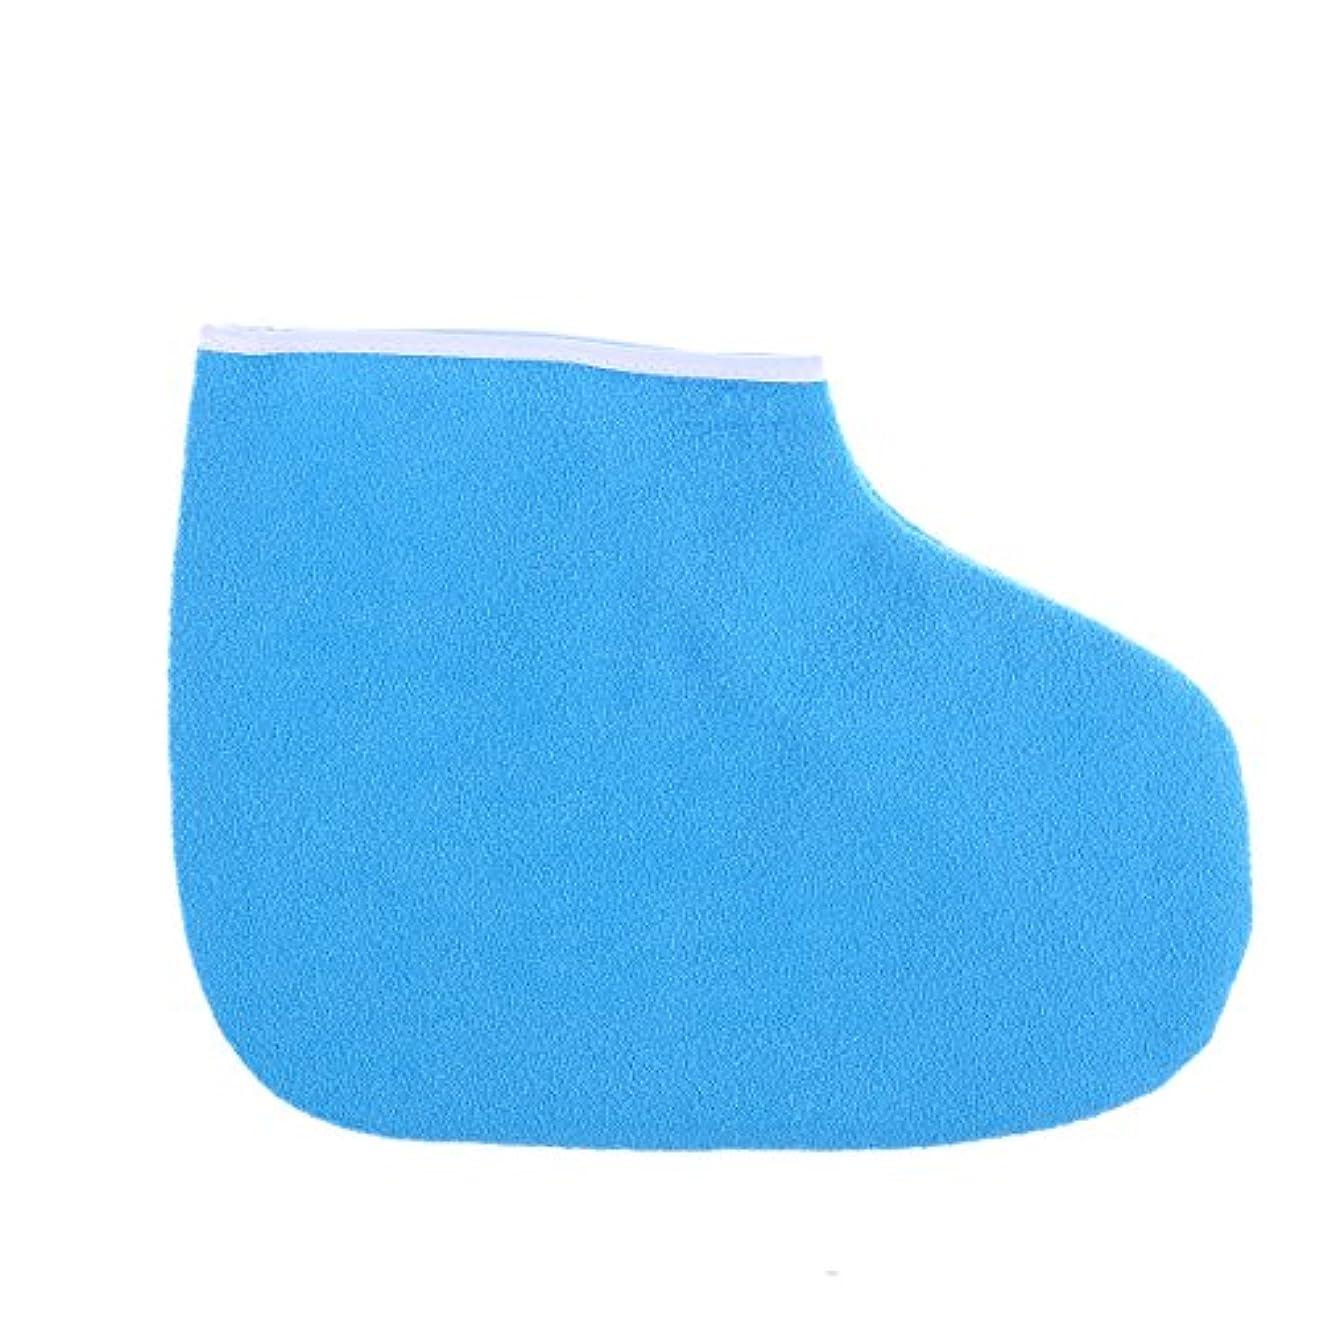 抑圧する取り扱い遠足Healifty パラフィンワックスブーティーマニキュアペディキュアトリートメントブーツ(ブルー)